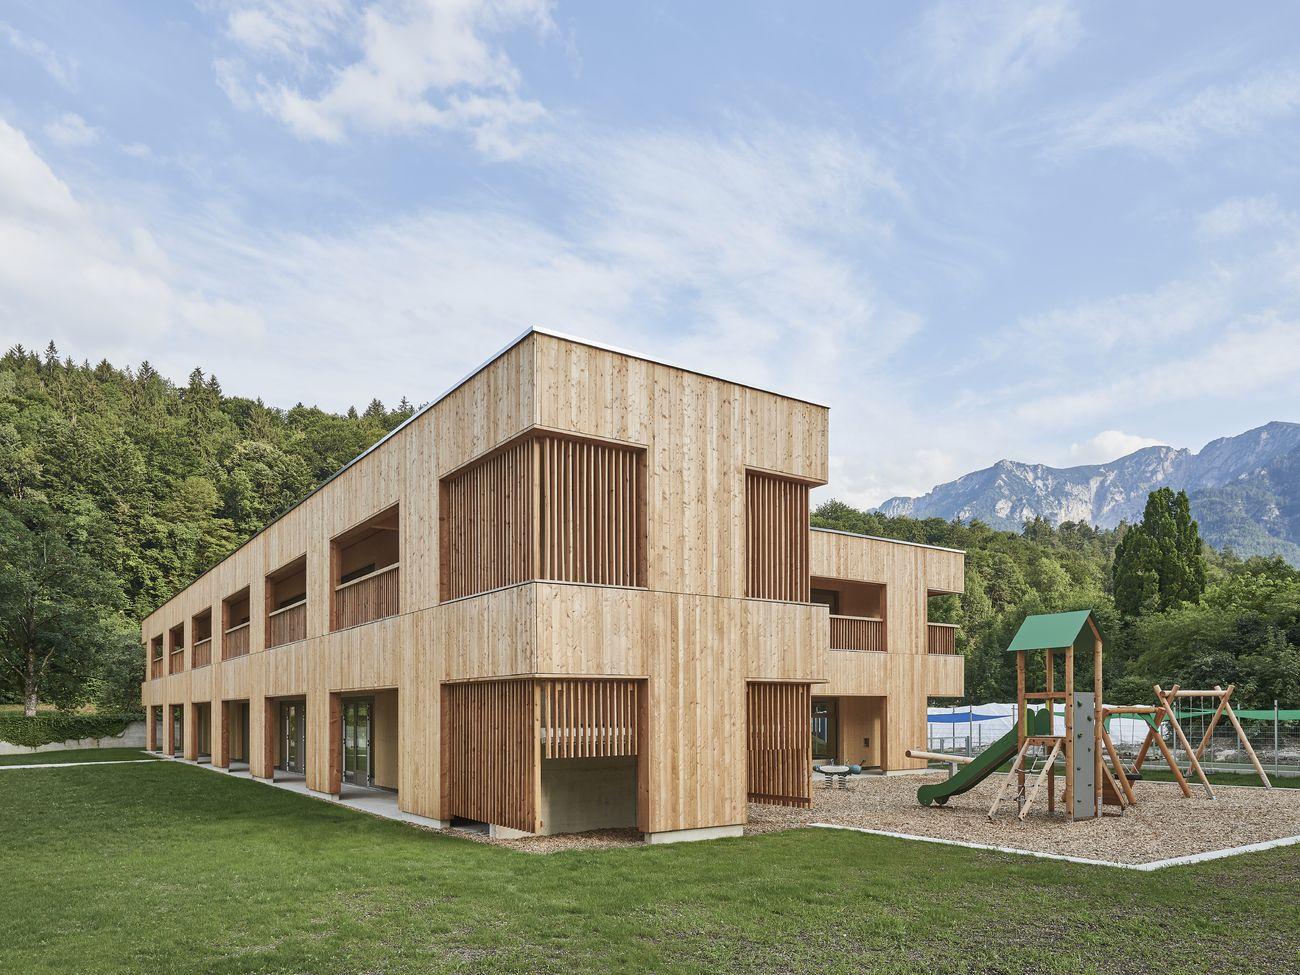 Kindertagesstätte, Bad Reichenhall, Deutschland